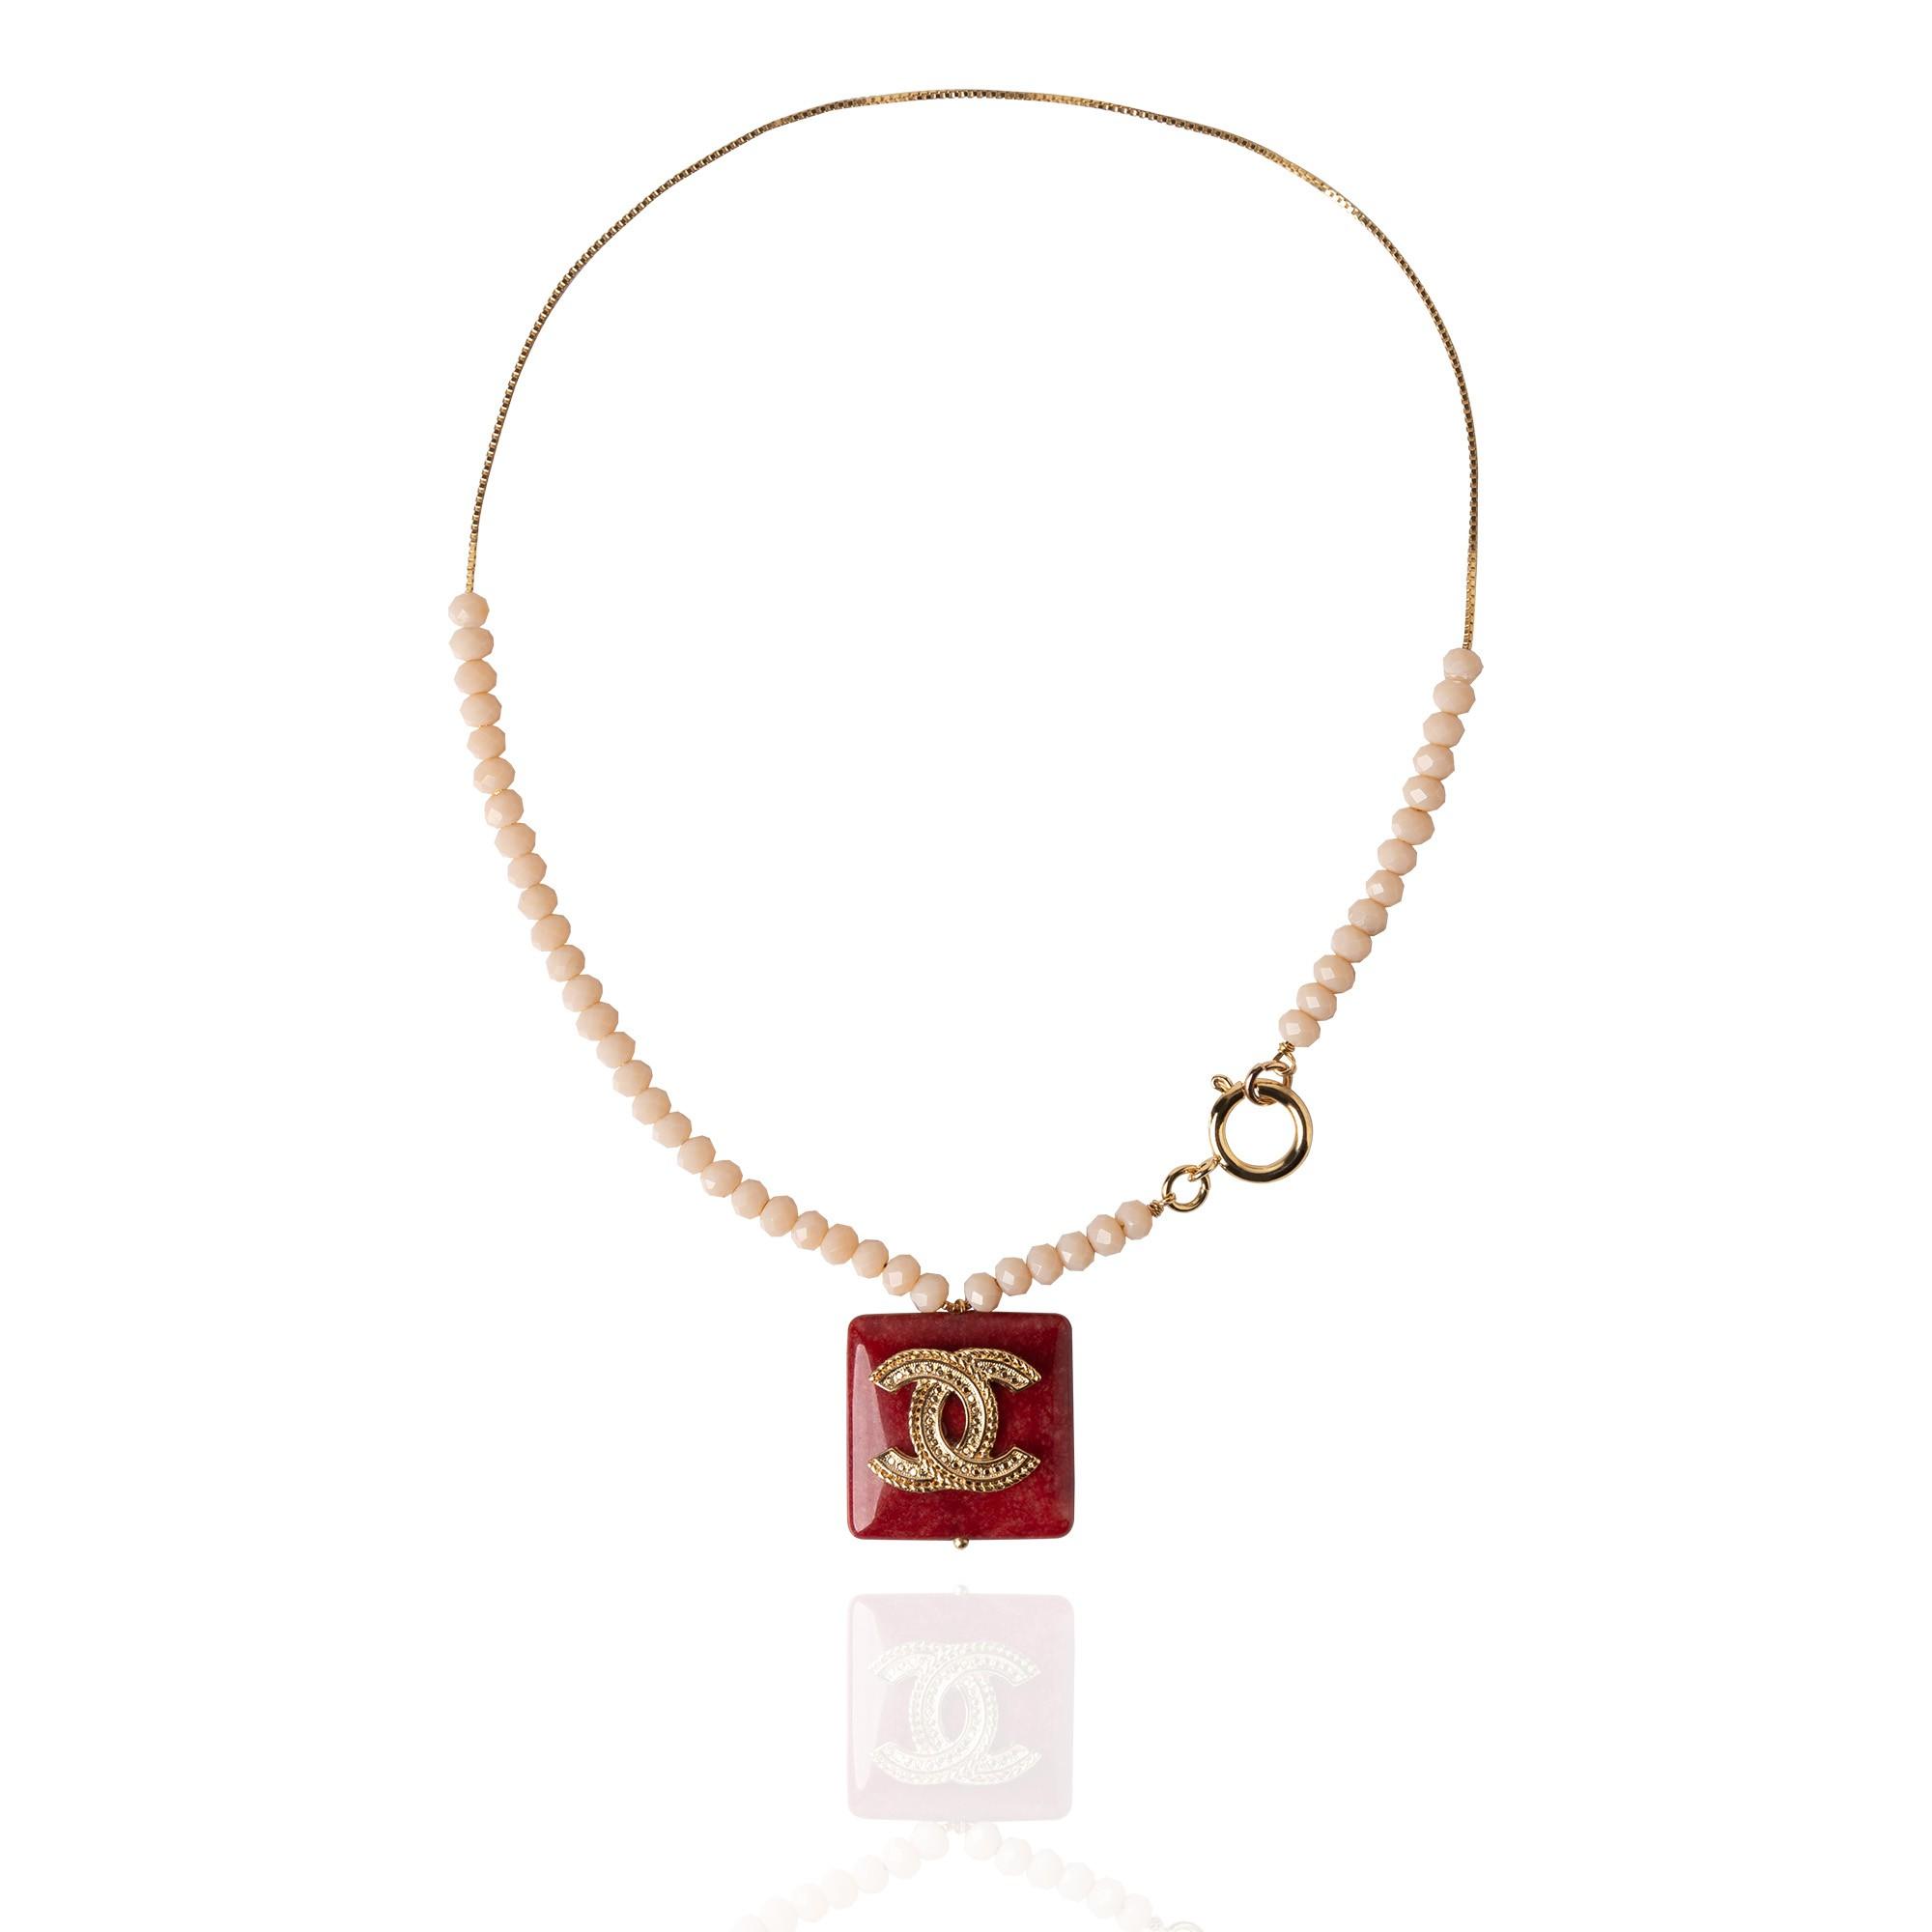 Colar em Pedra Natural Inspiração Chanel